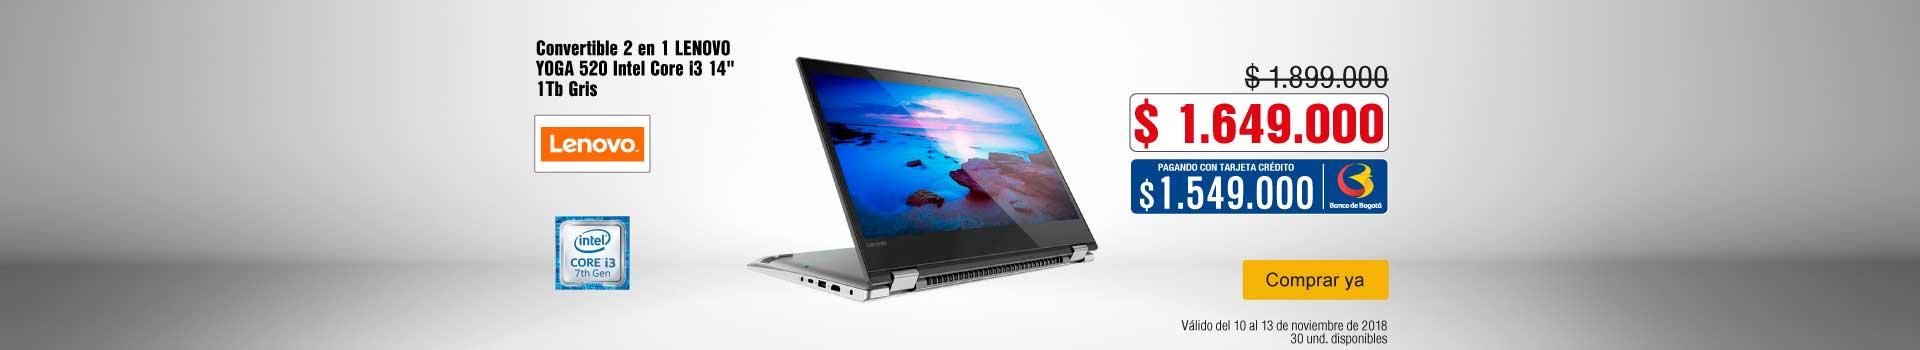 AK-KT-BCAT-2-computadores y tablets-PP---HP-2en1 YOGA 520-Nov10